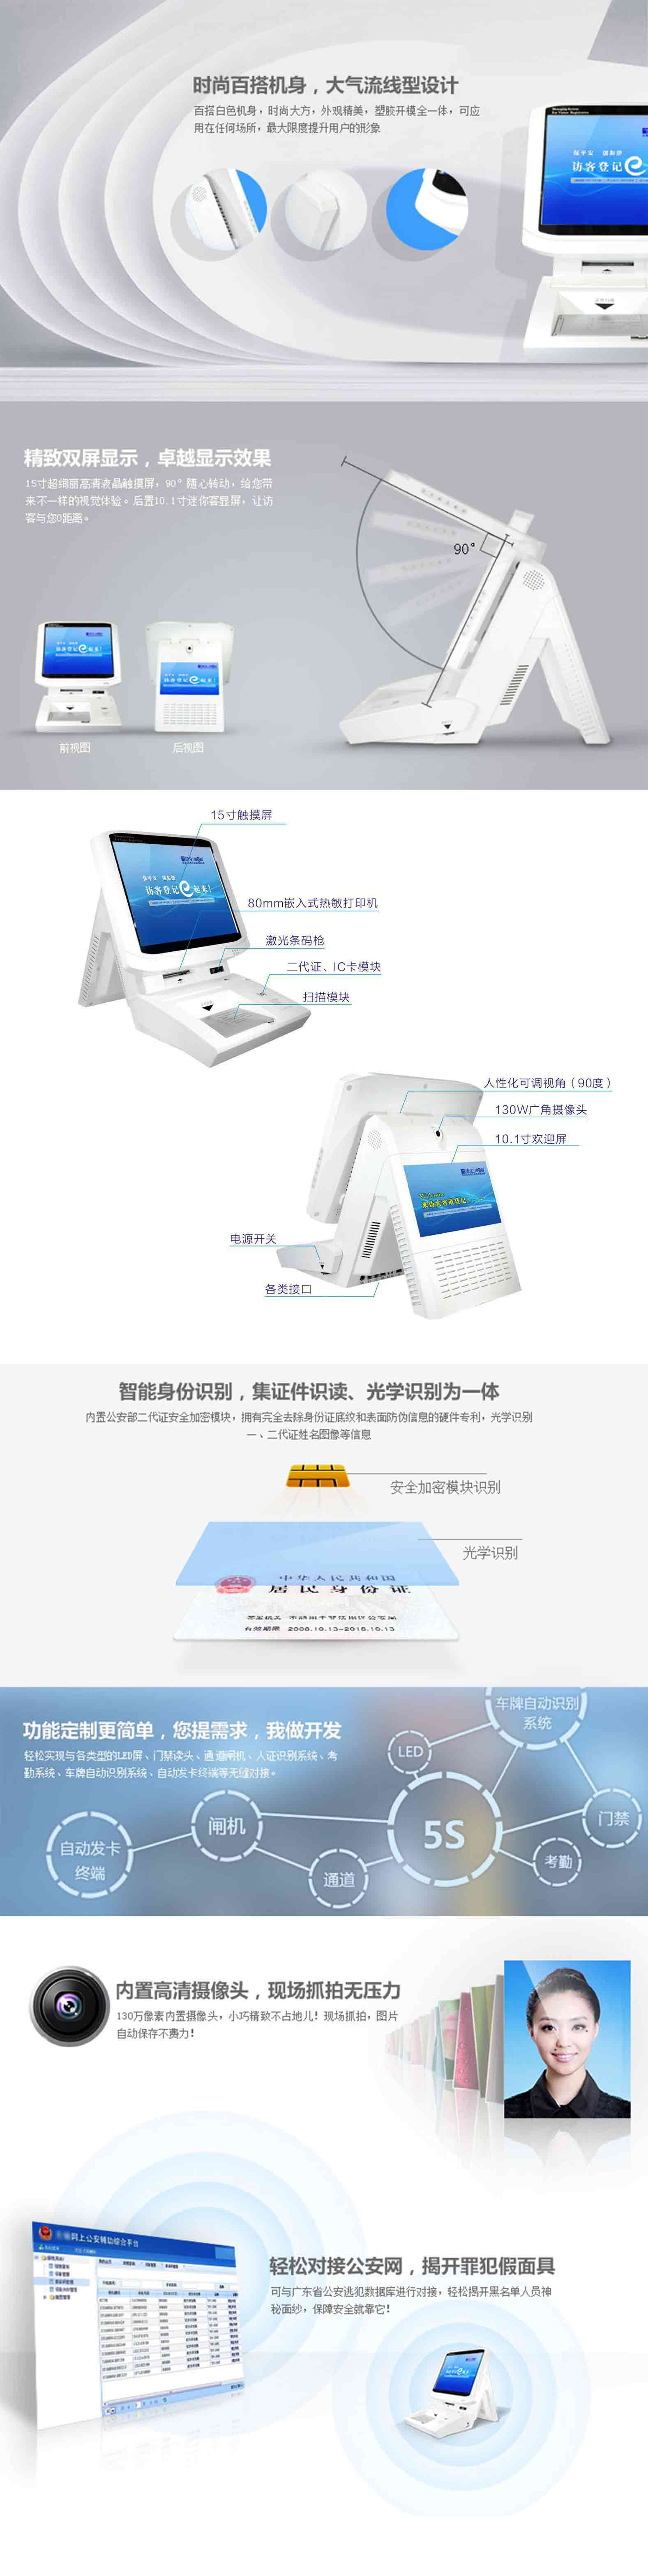 访客机,访客管理系统,5S产品介绍